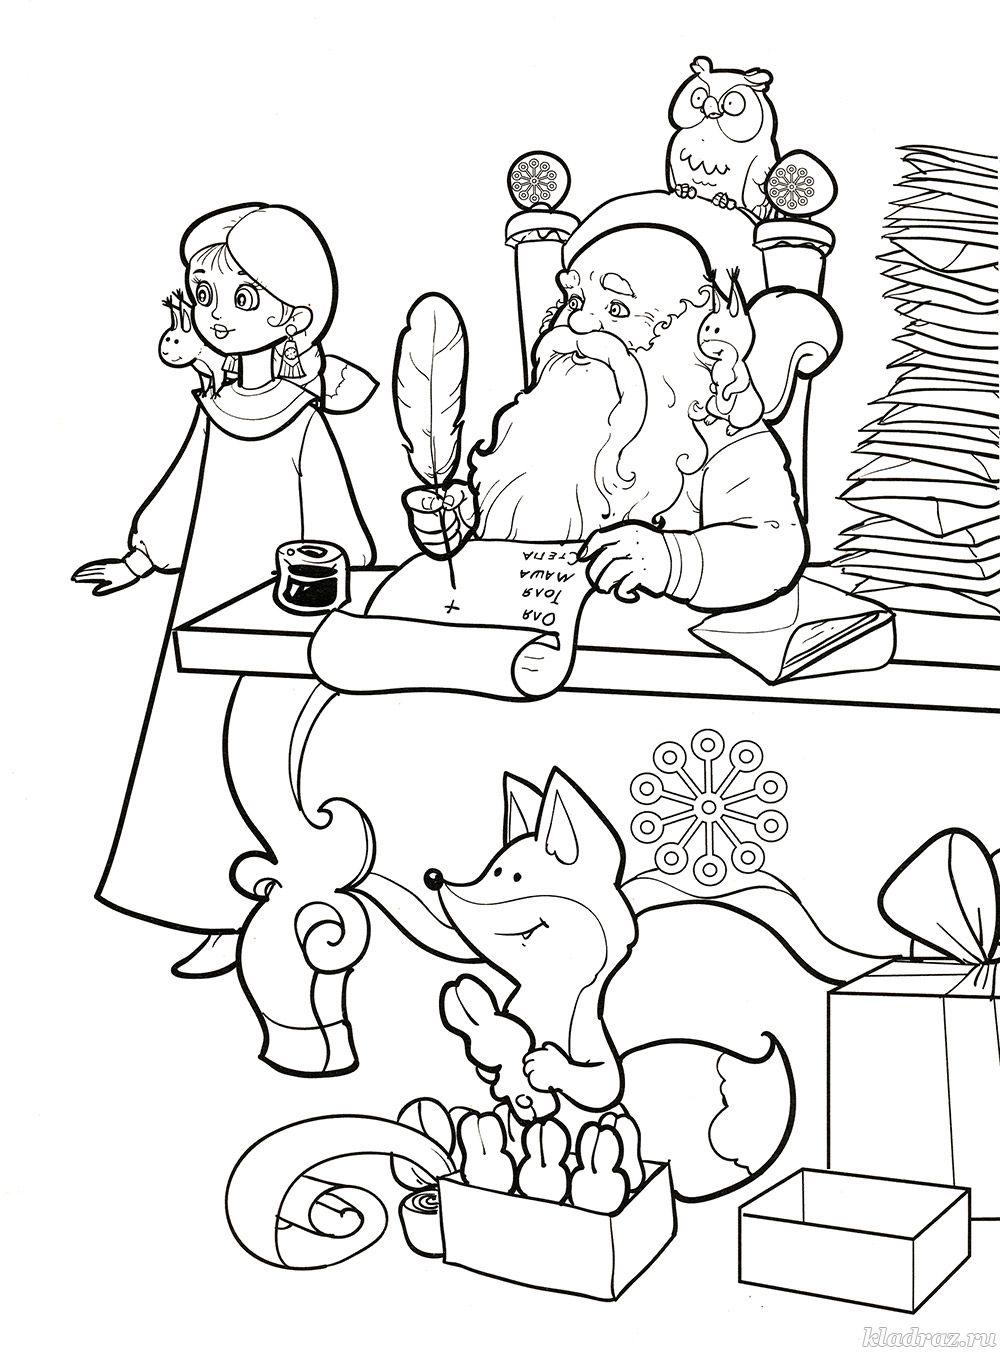 Новогодняя раскраска для детей 5-7 лет. Дед Мороз и Снегурочка